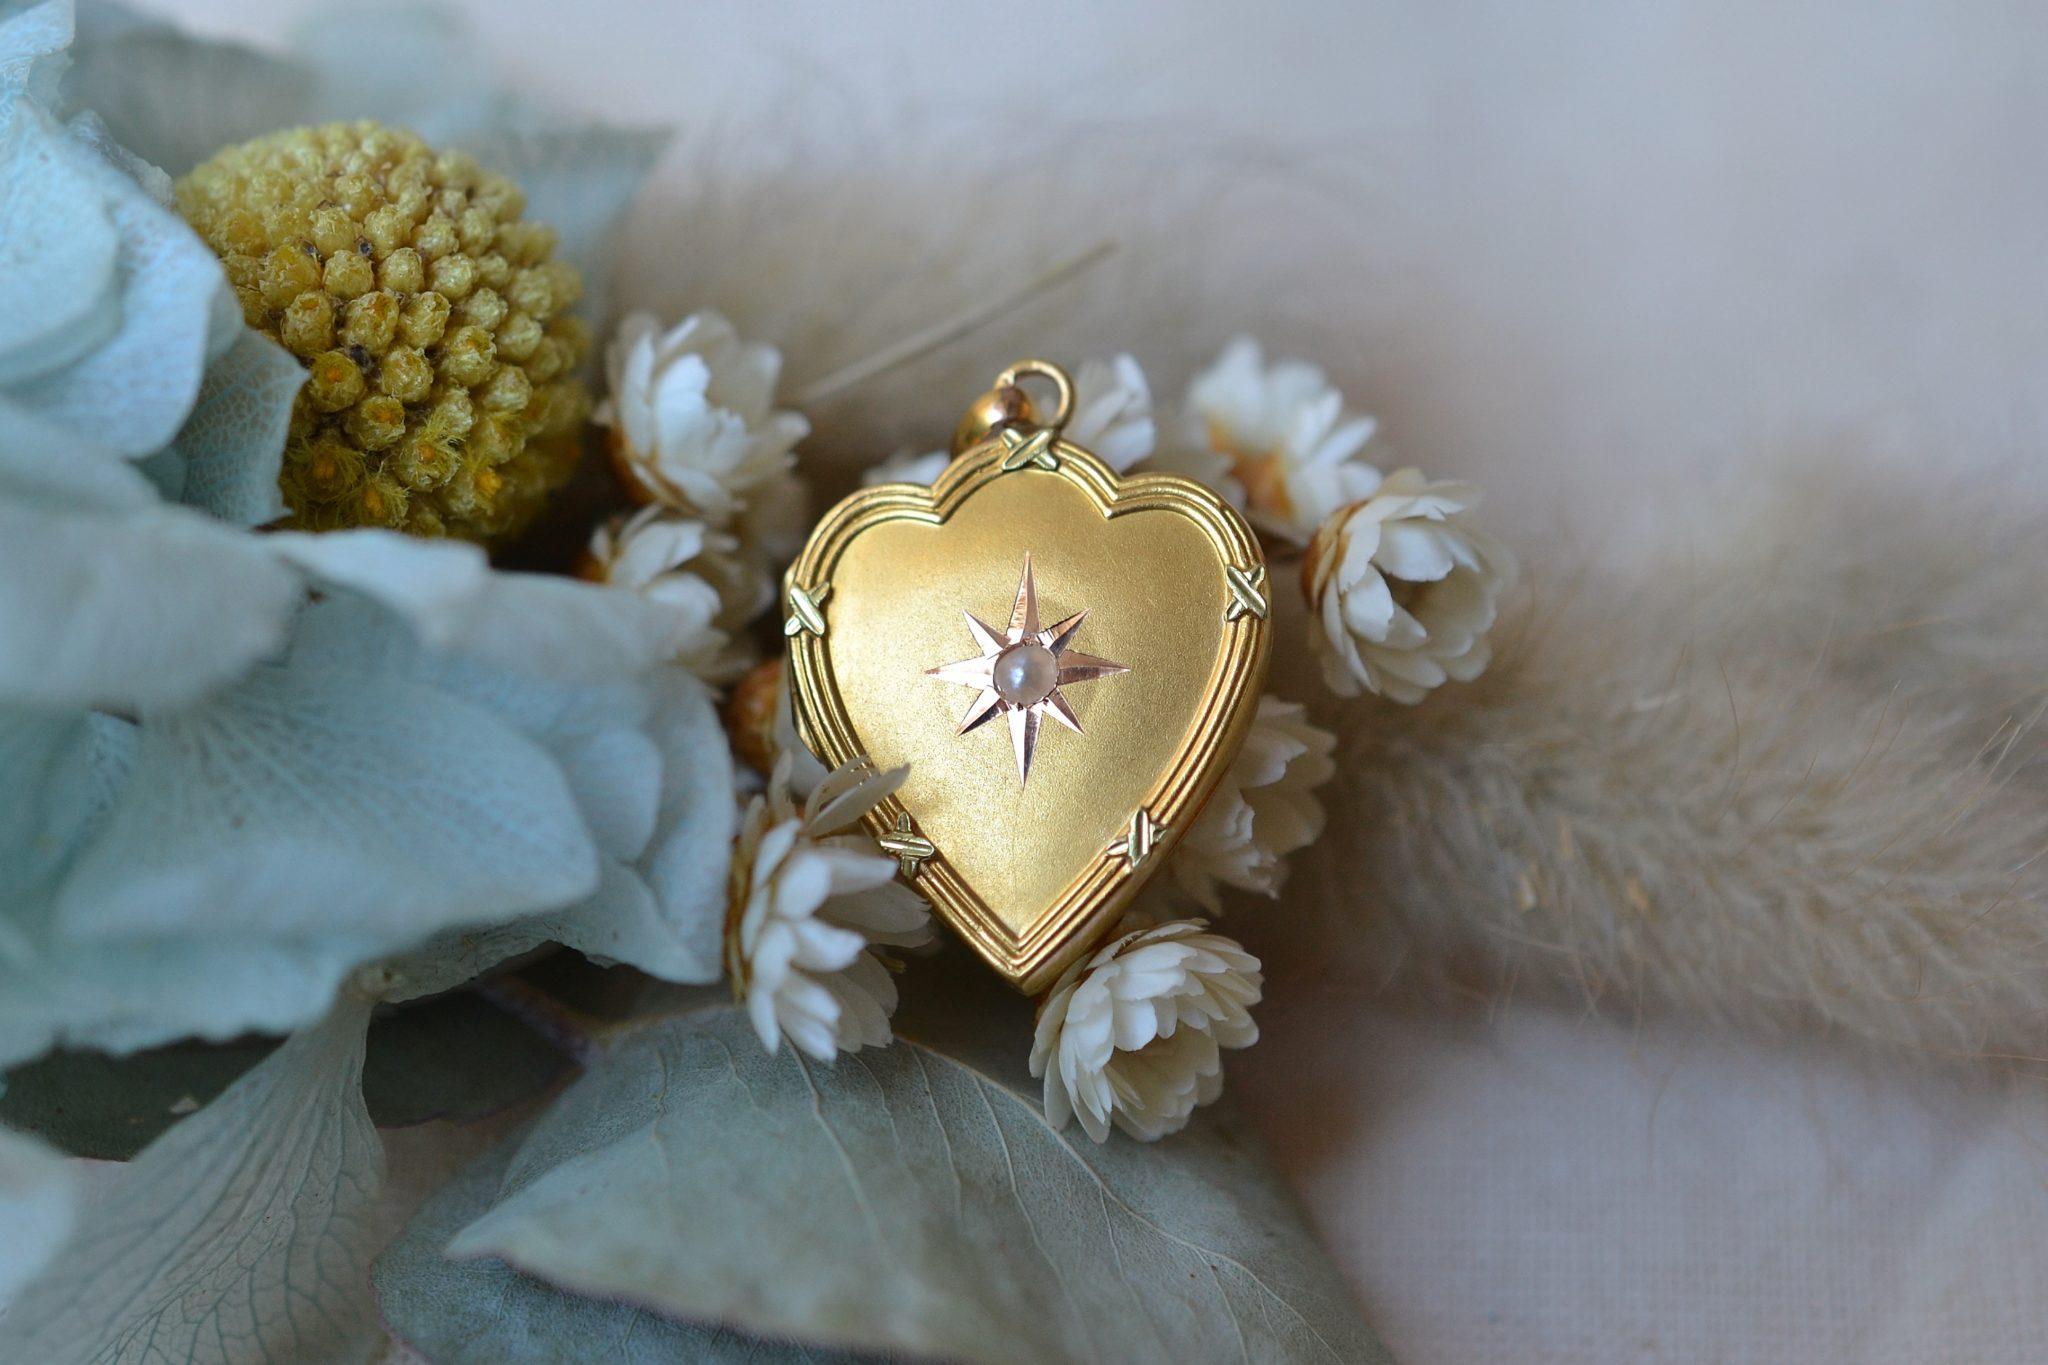 Pendentif porte-souvenir en forme de coeur en Or jaune, serti d'une perle sur un décor étoilé - bijou Vintage